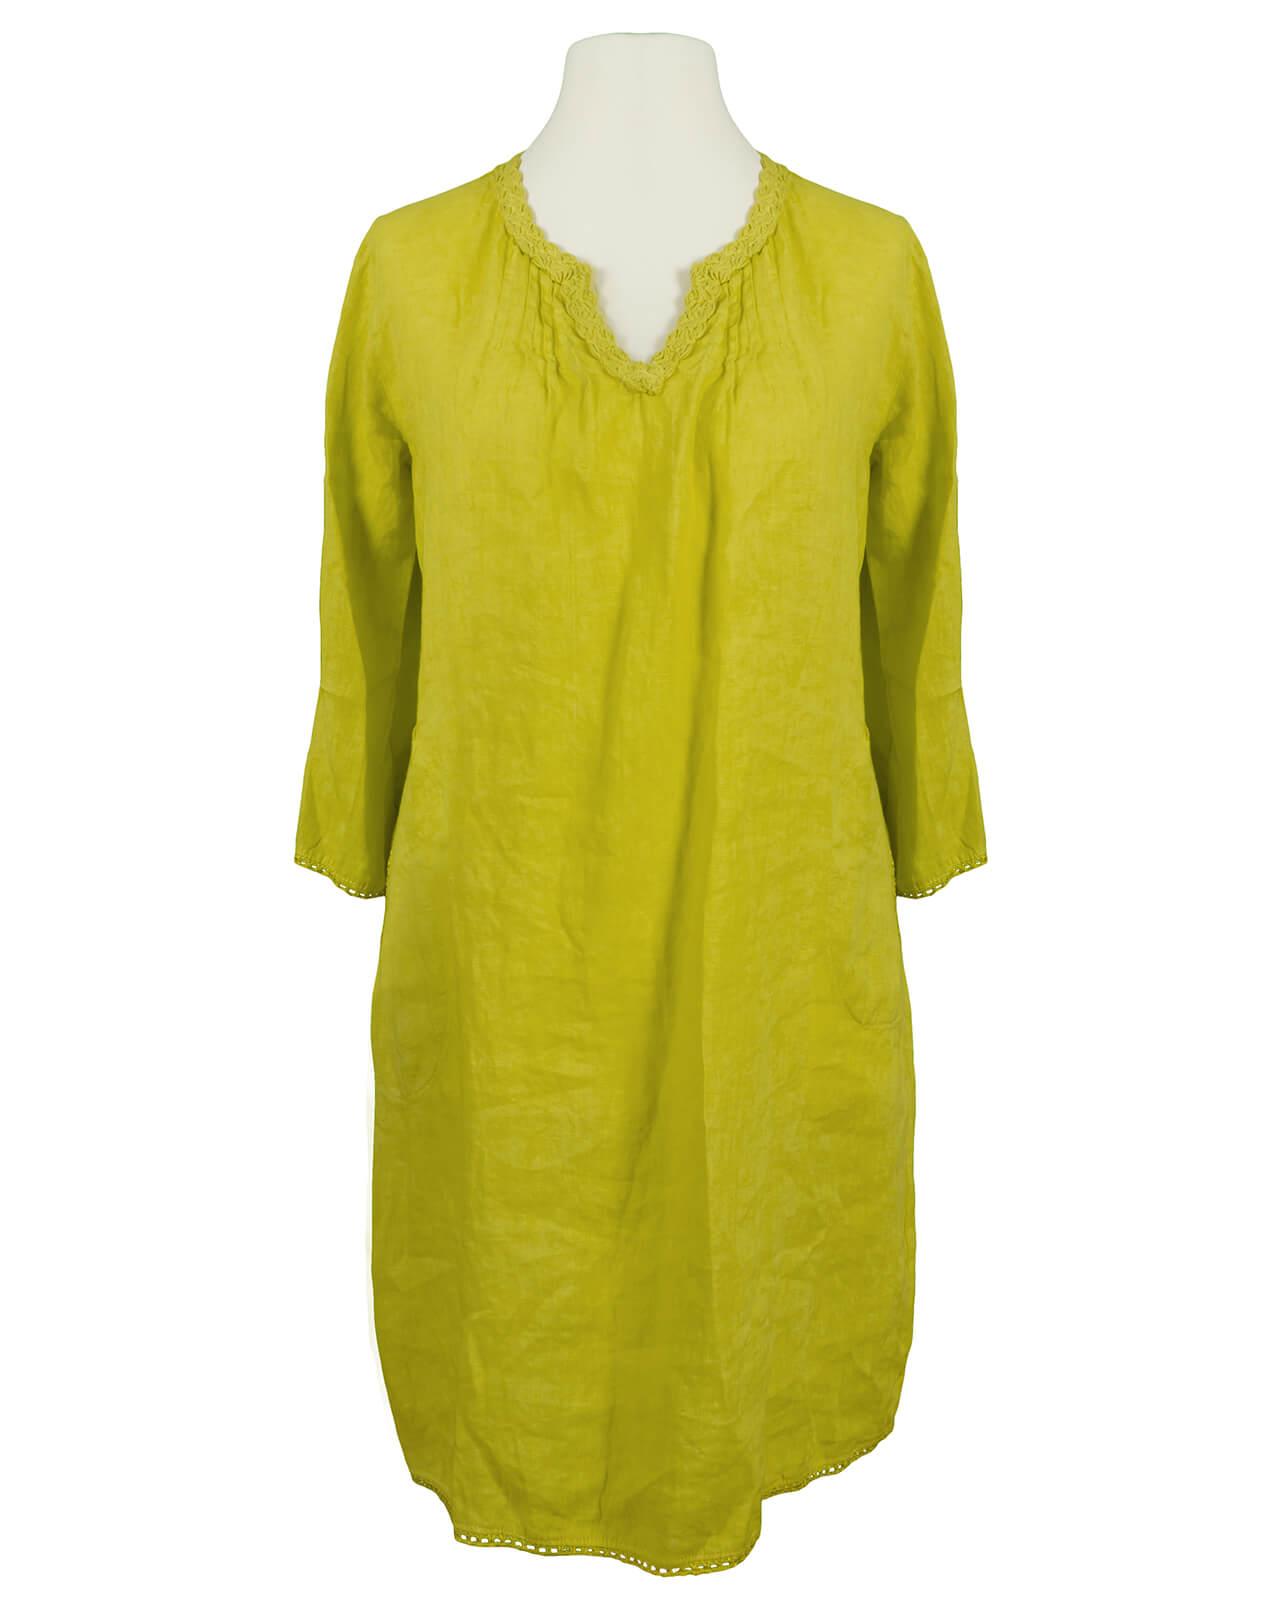 on sale 6ebd4 c5304 Tunika Kleid aus Leinen, gelb